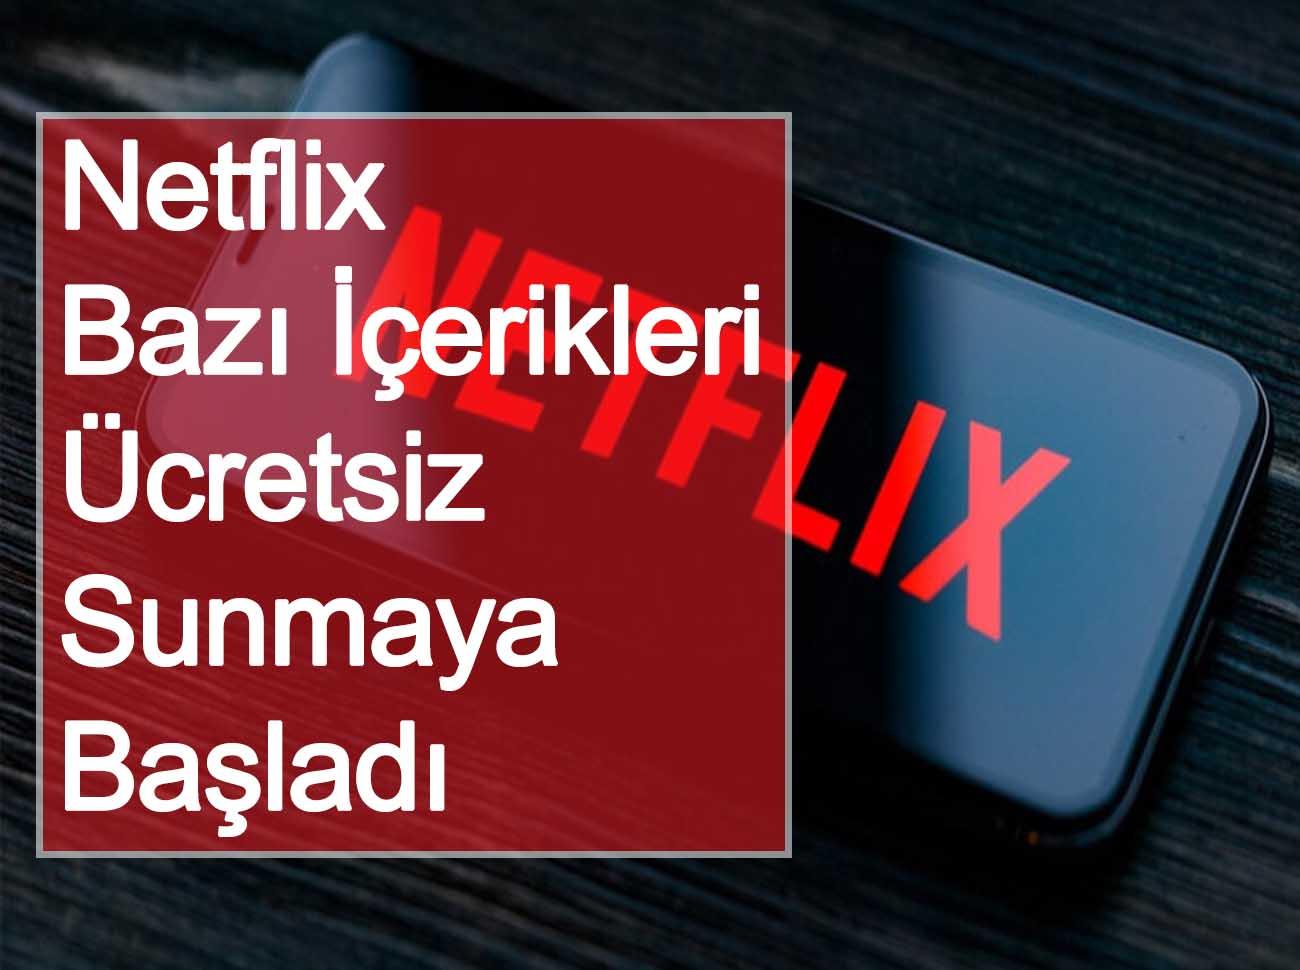 Netflix Bazı İçerikleri Ücretsiz Sunmaya Başladı